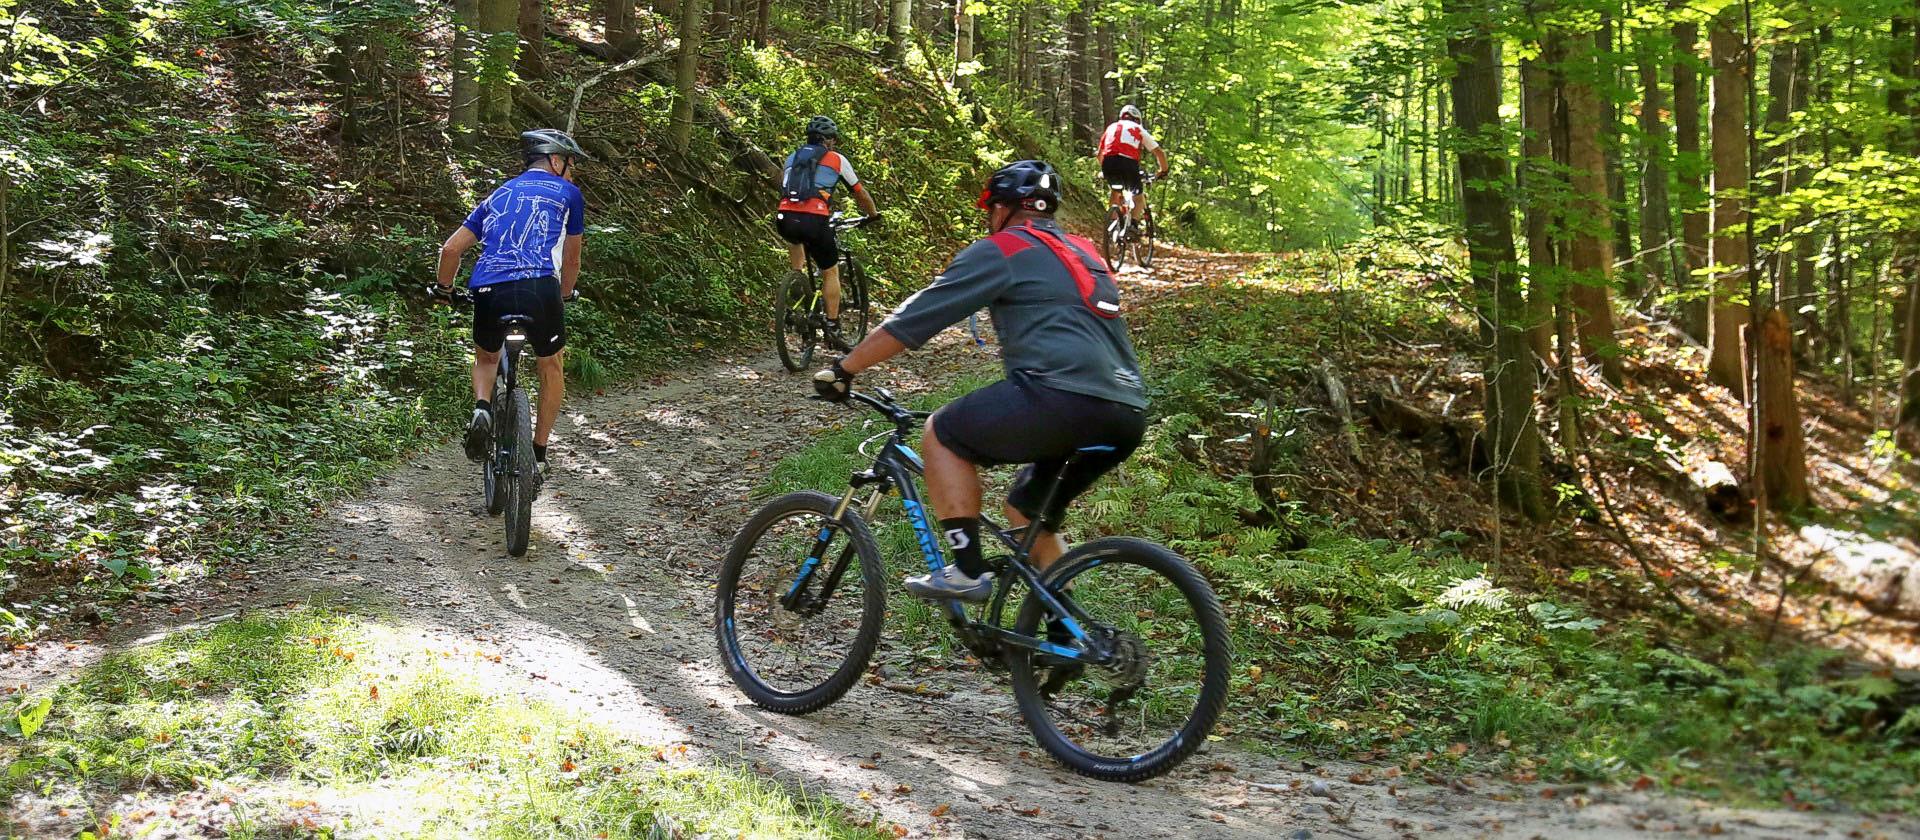 1512732763_mountain_biking_hero_new_1.jpg